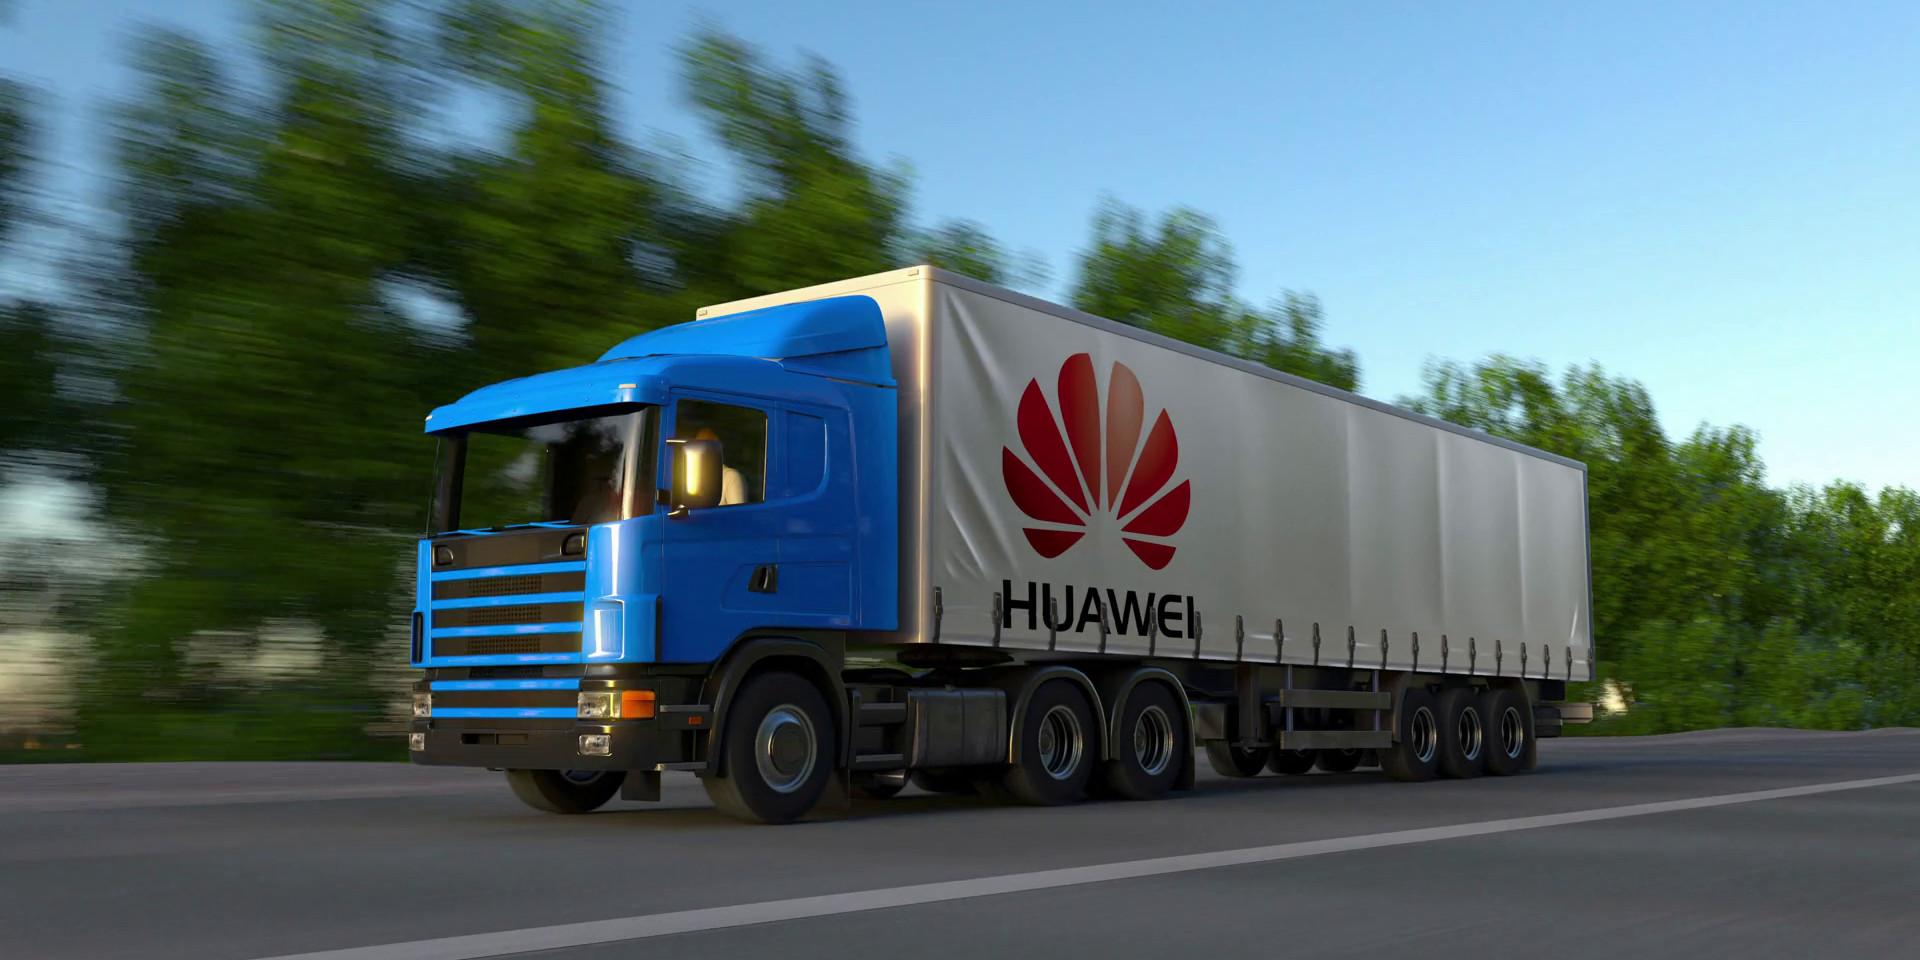 Proibição de Donald Trump vai causar quebra de encomendas dos produtos da Huawei